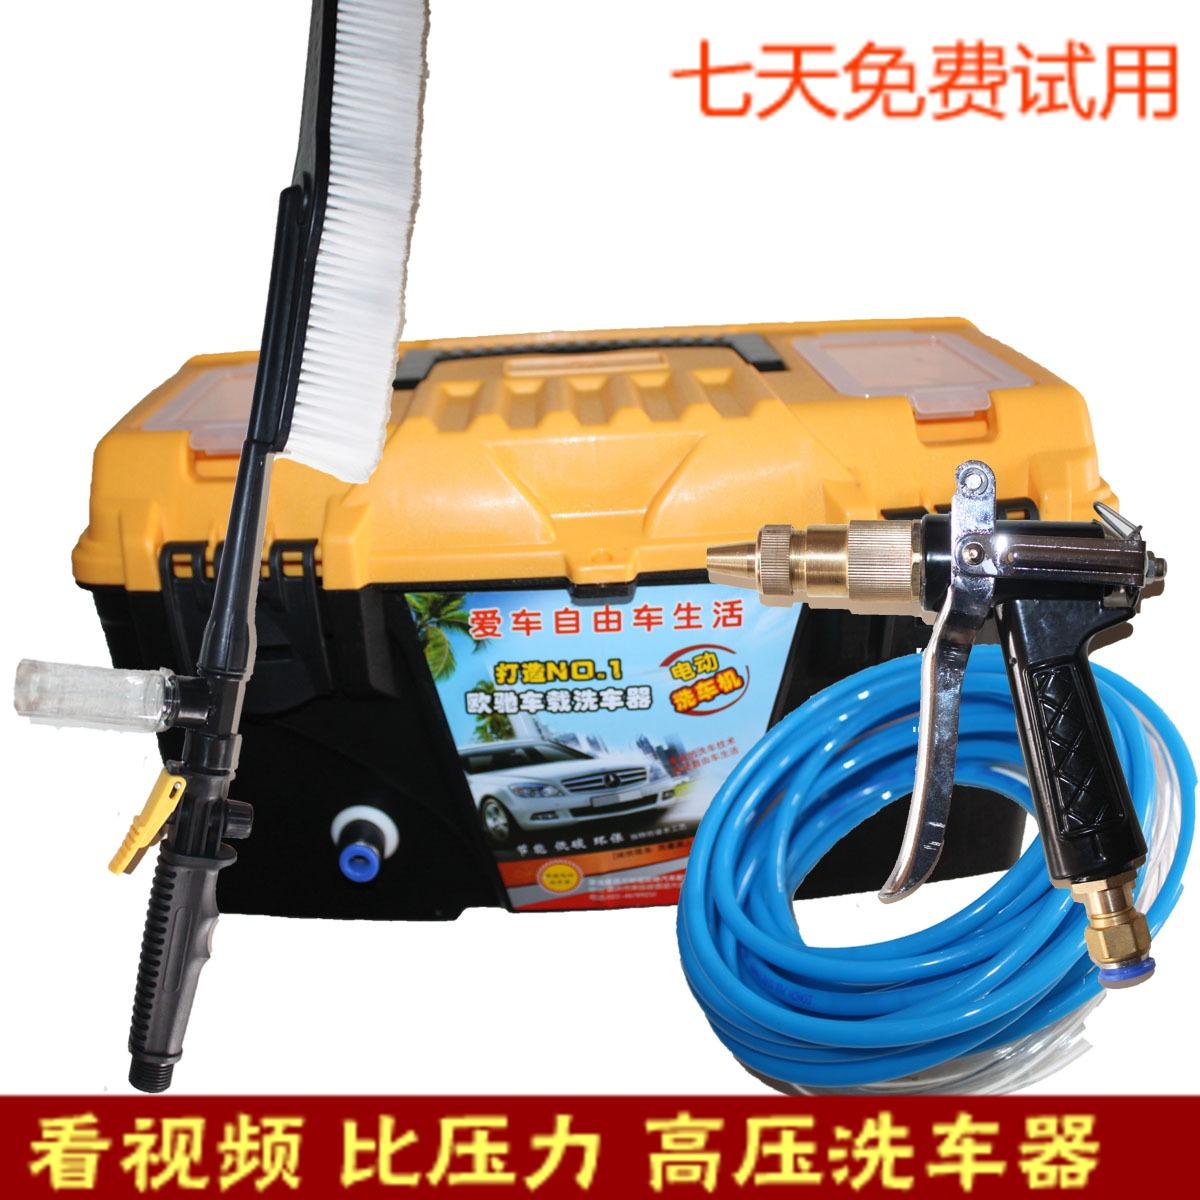 dispositif de lavage voiture lavage voiture haute pression machine  #C1800A